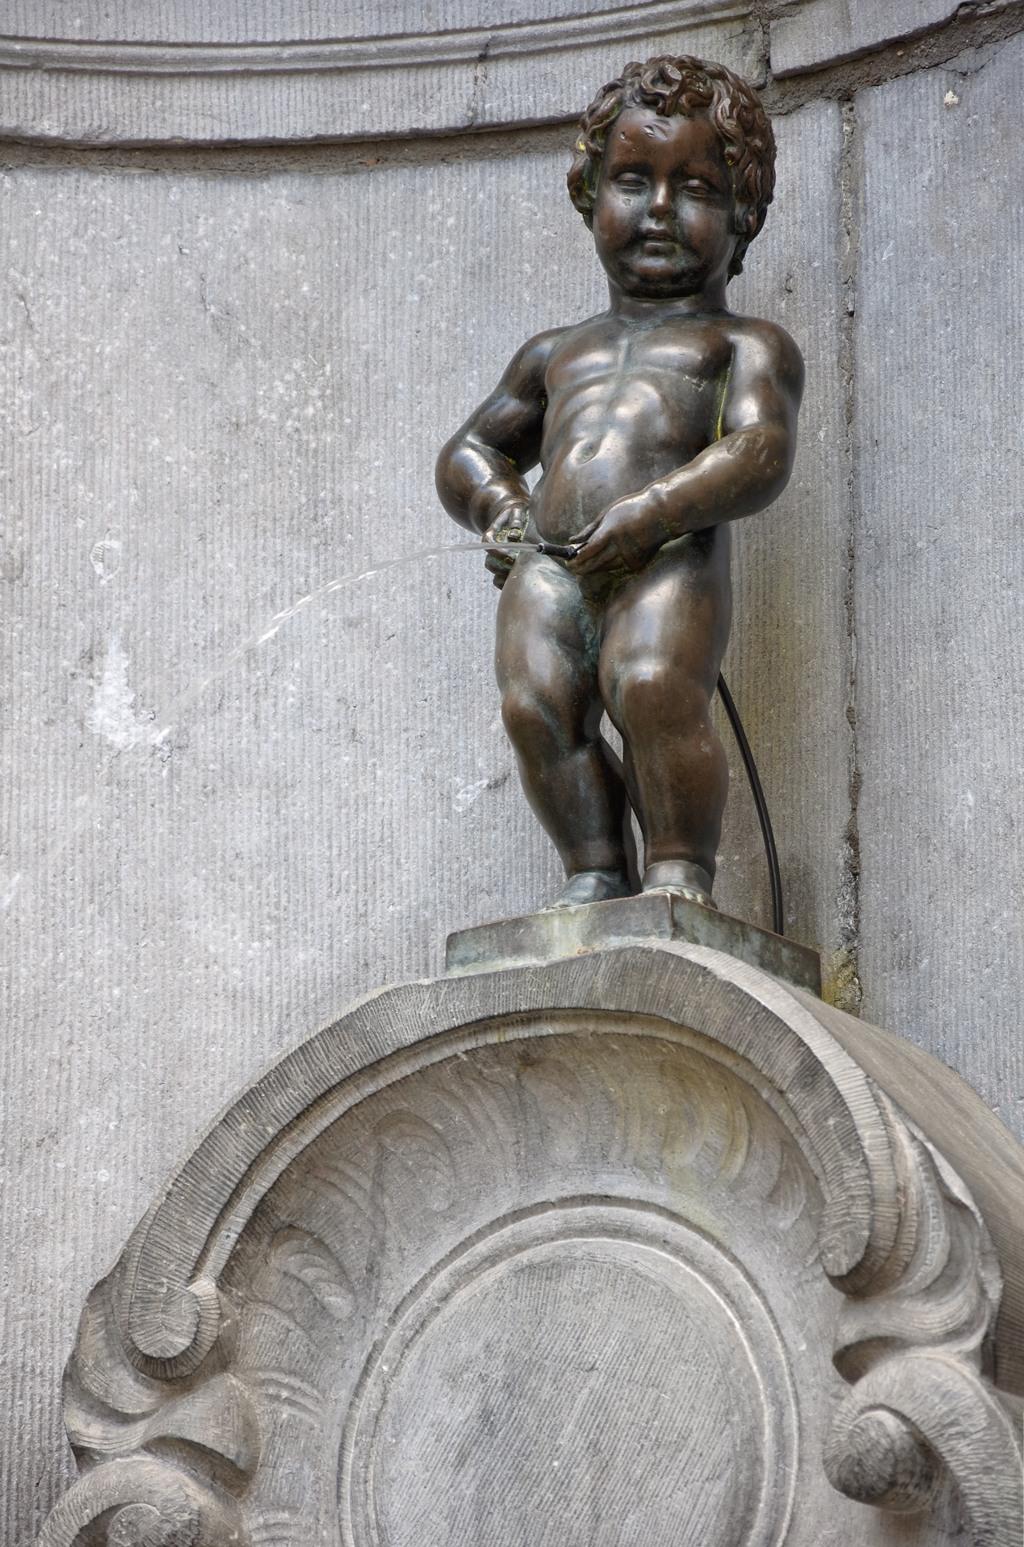 تمثال مانيكن بيس